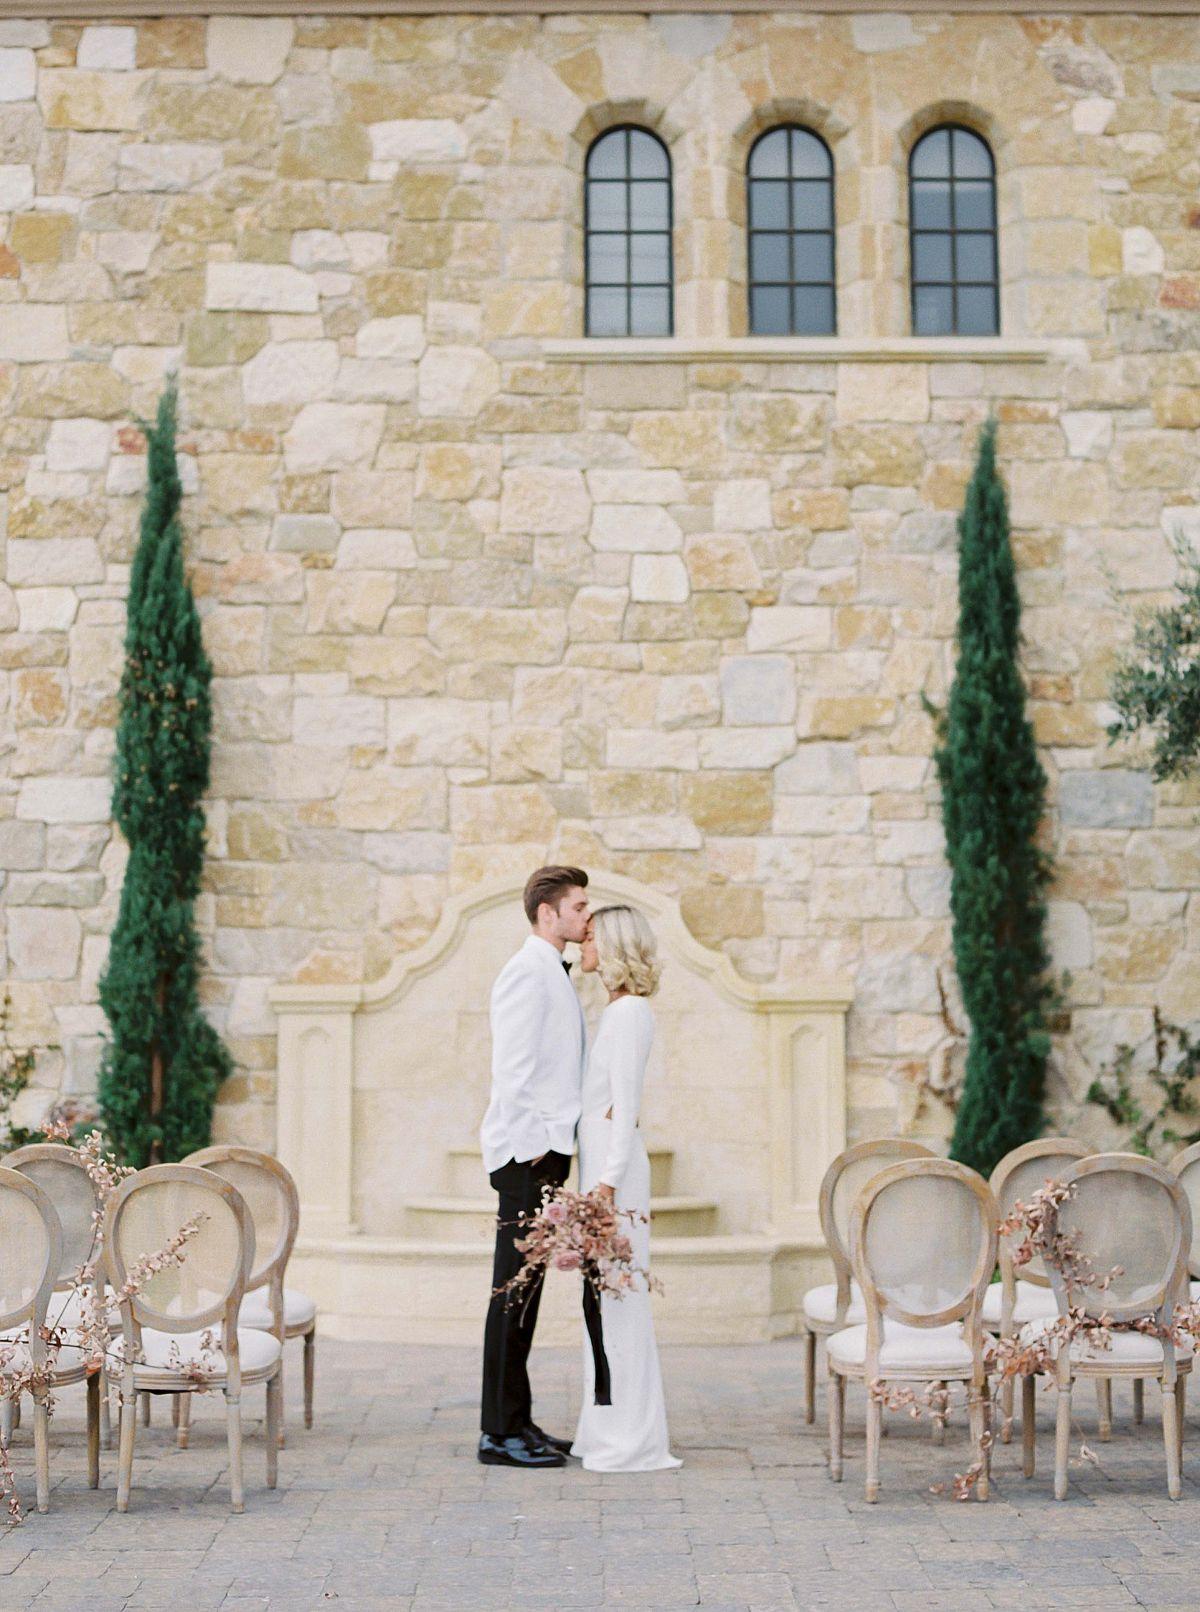 Photo by  Donny Zavala  via  Wedding Sparrow